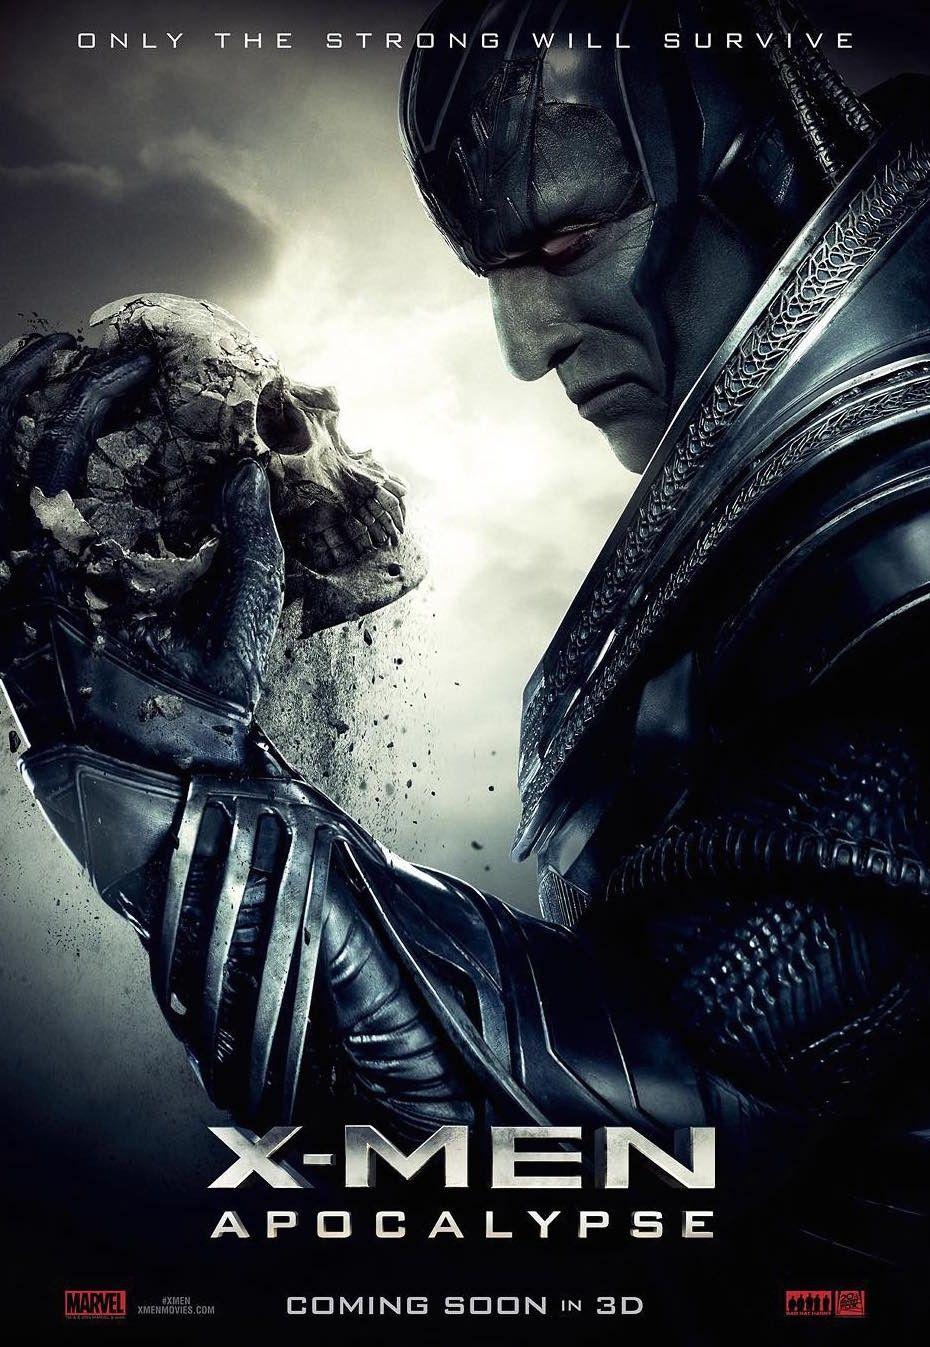 X Men Apocalypse Apocalypse Movies Xmen Apocalypse Man Movies